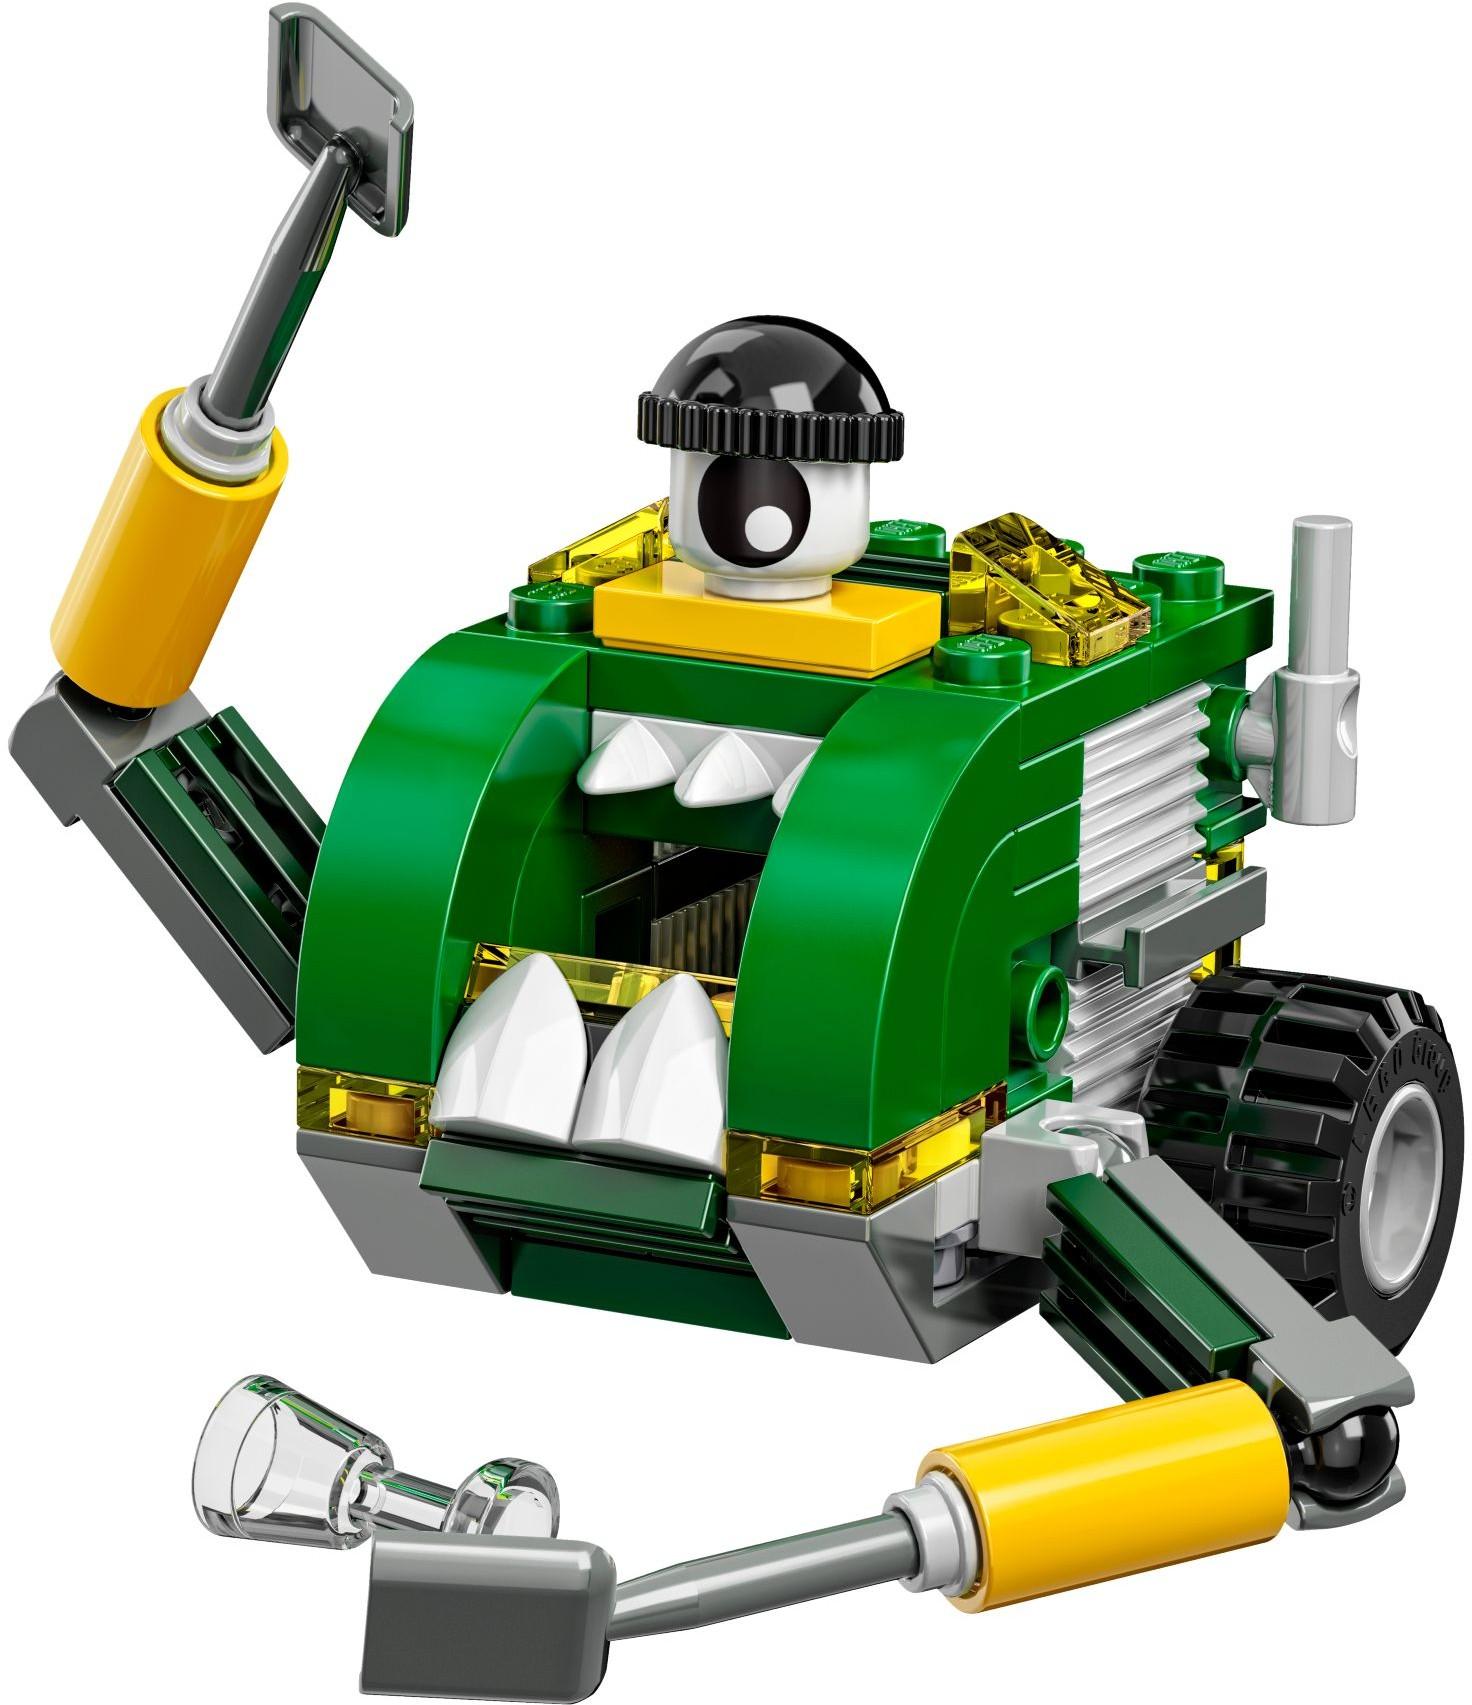 lego mixels series 1 instructions